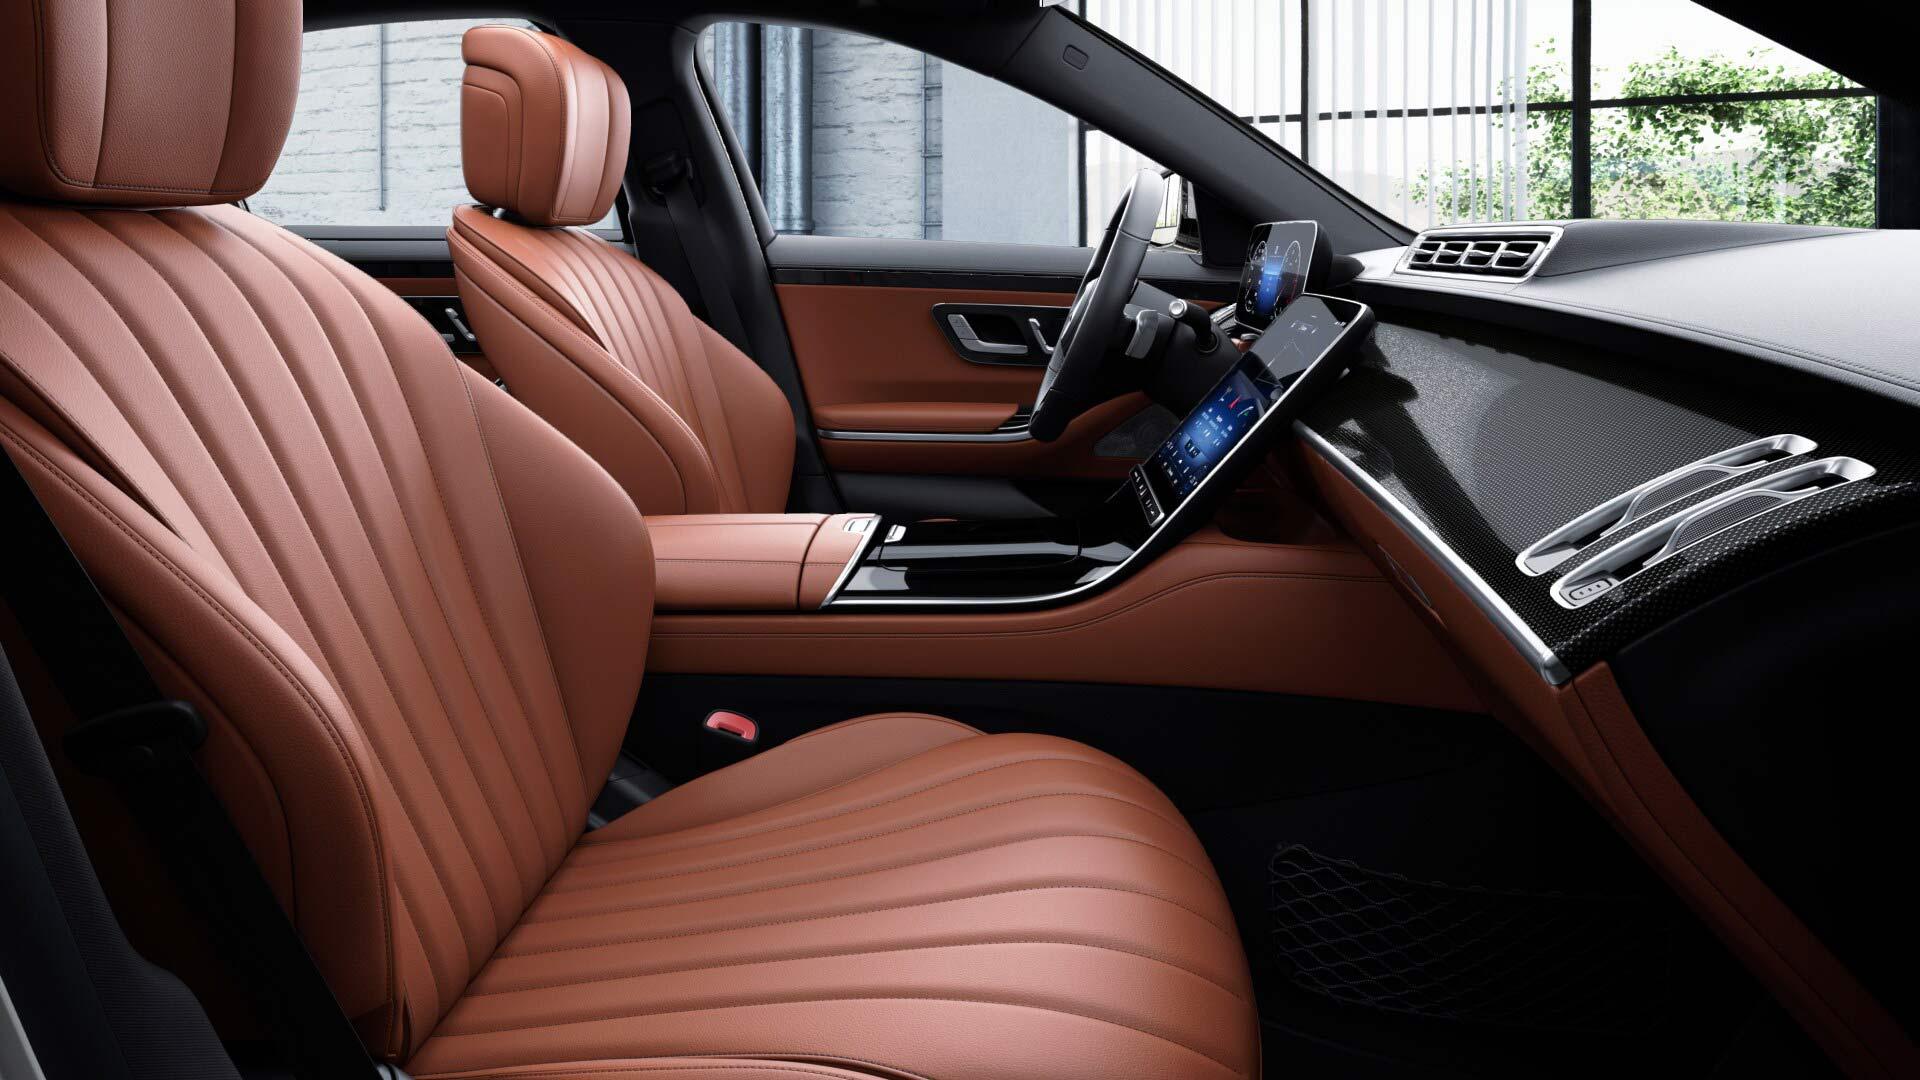 Sellerie arrière de la Mercedes Classe S Limousine Finition Business - Couleur Marron